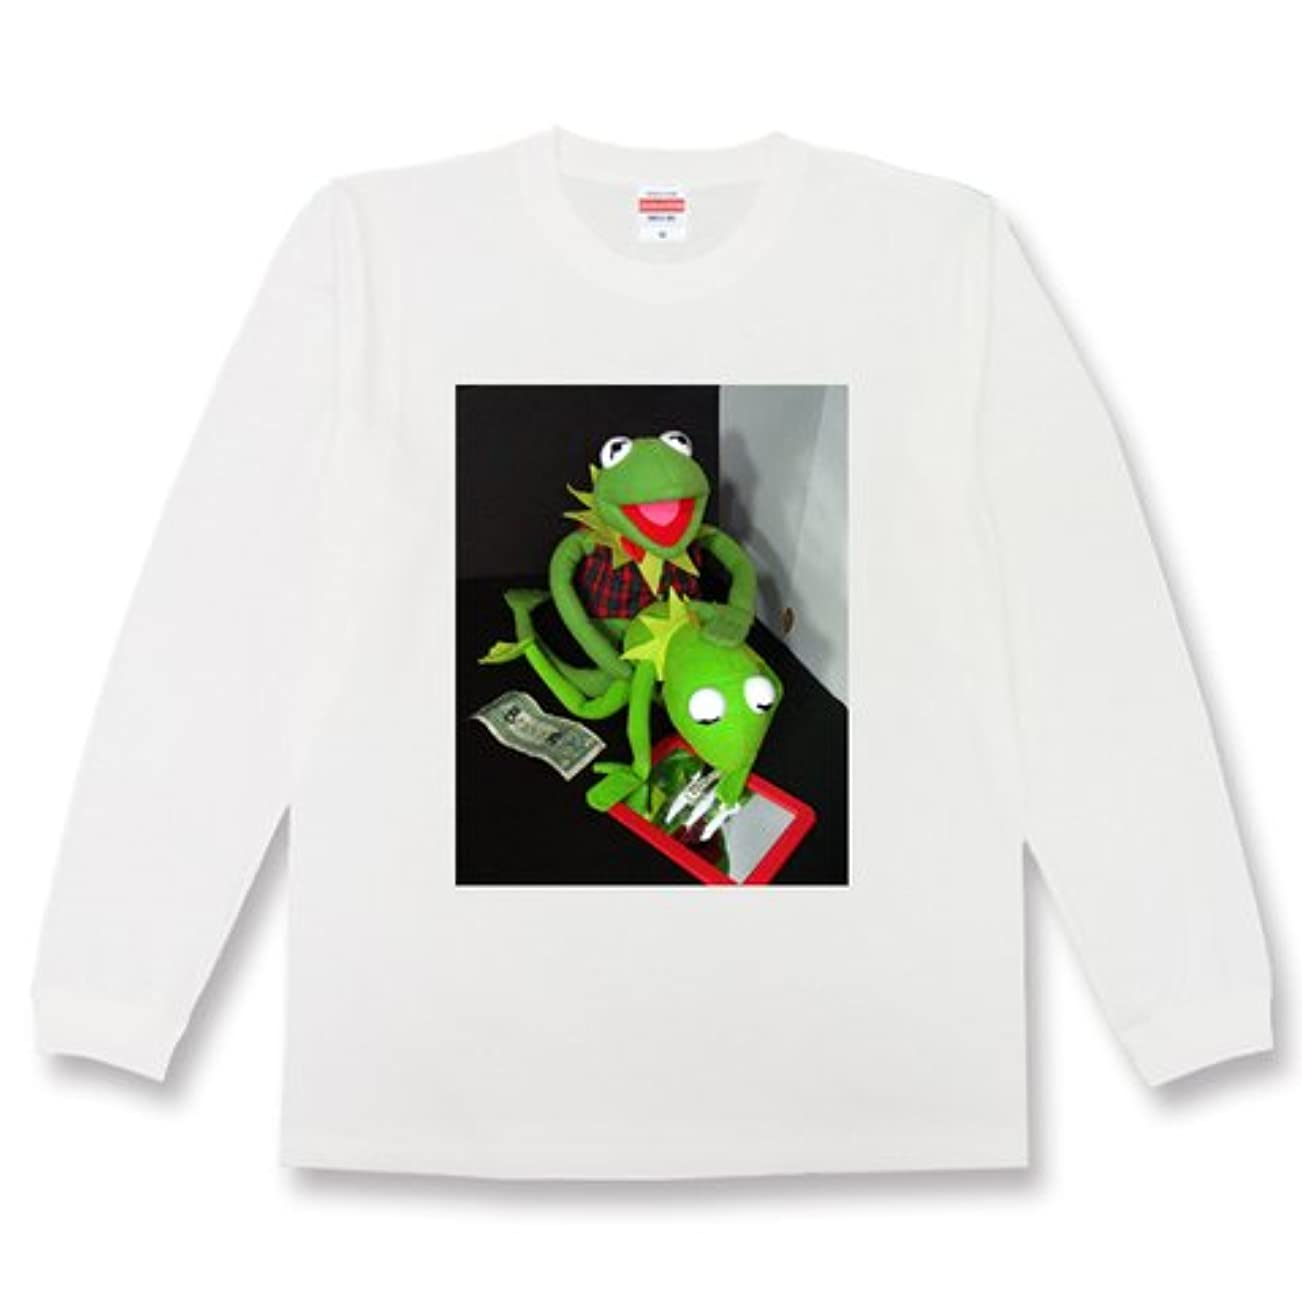 採用刈り取る友だち悪カーミット Kermit コカイン ドラッグ セクシー エロ 変態 パロディ メンズ レディース ユニセックス 長袖Tシャツlswh00040-g